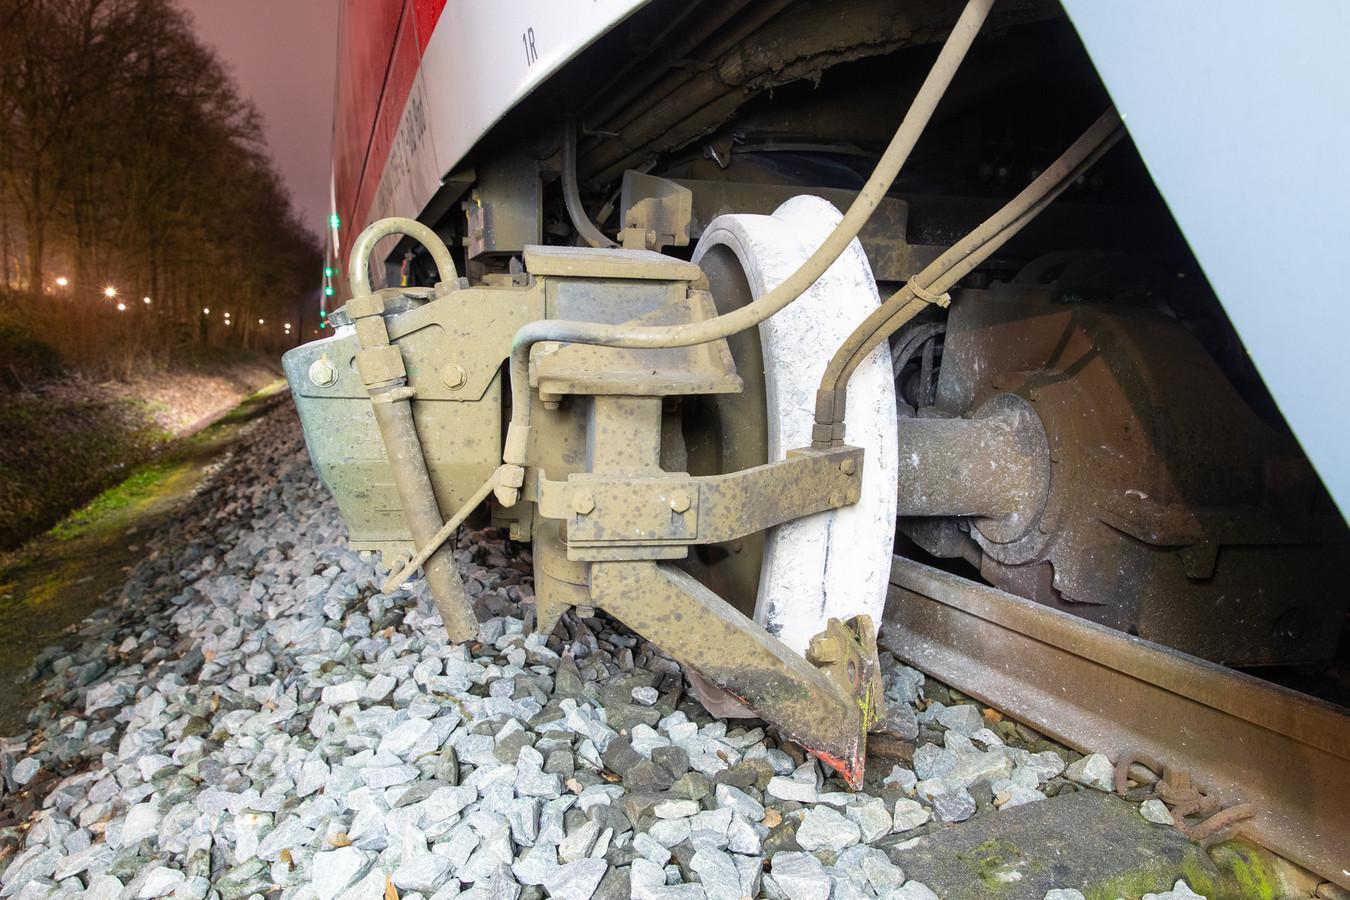 Op deze foto is goed te zien hoe de trein uit de rails is geschoten © ProRail